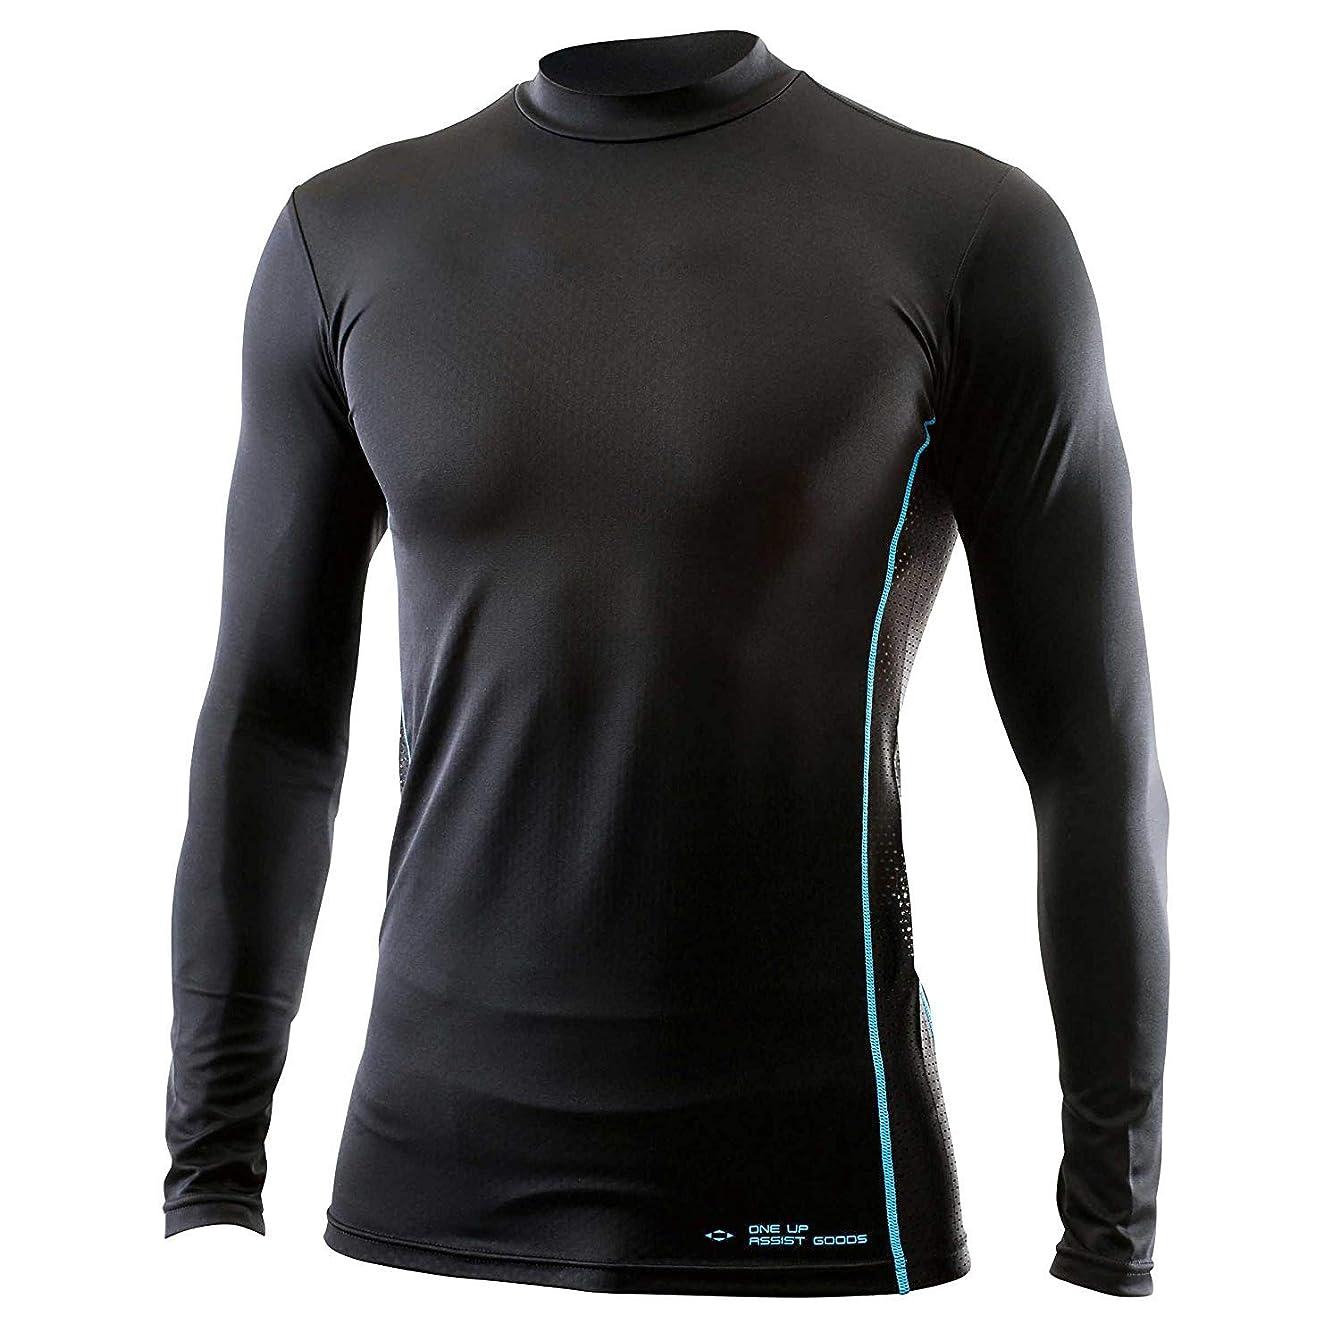 一月メロディーホースSK11 超クールウエア 冷感シャツ 長袖 ハイネック M ブラック 吸水速乾 抗菌 防臭 制菌 ワークサポート